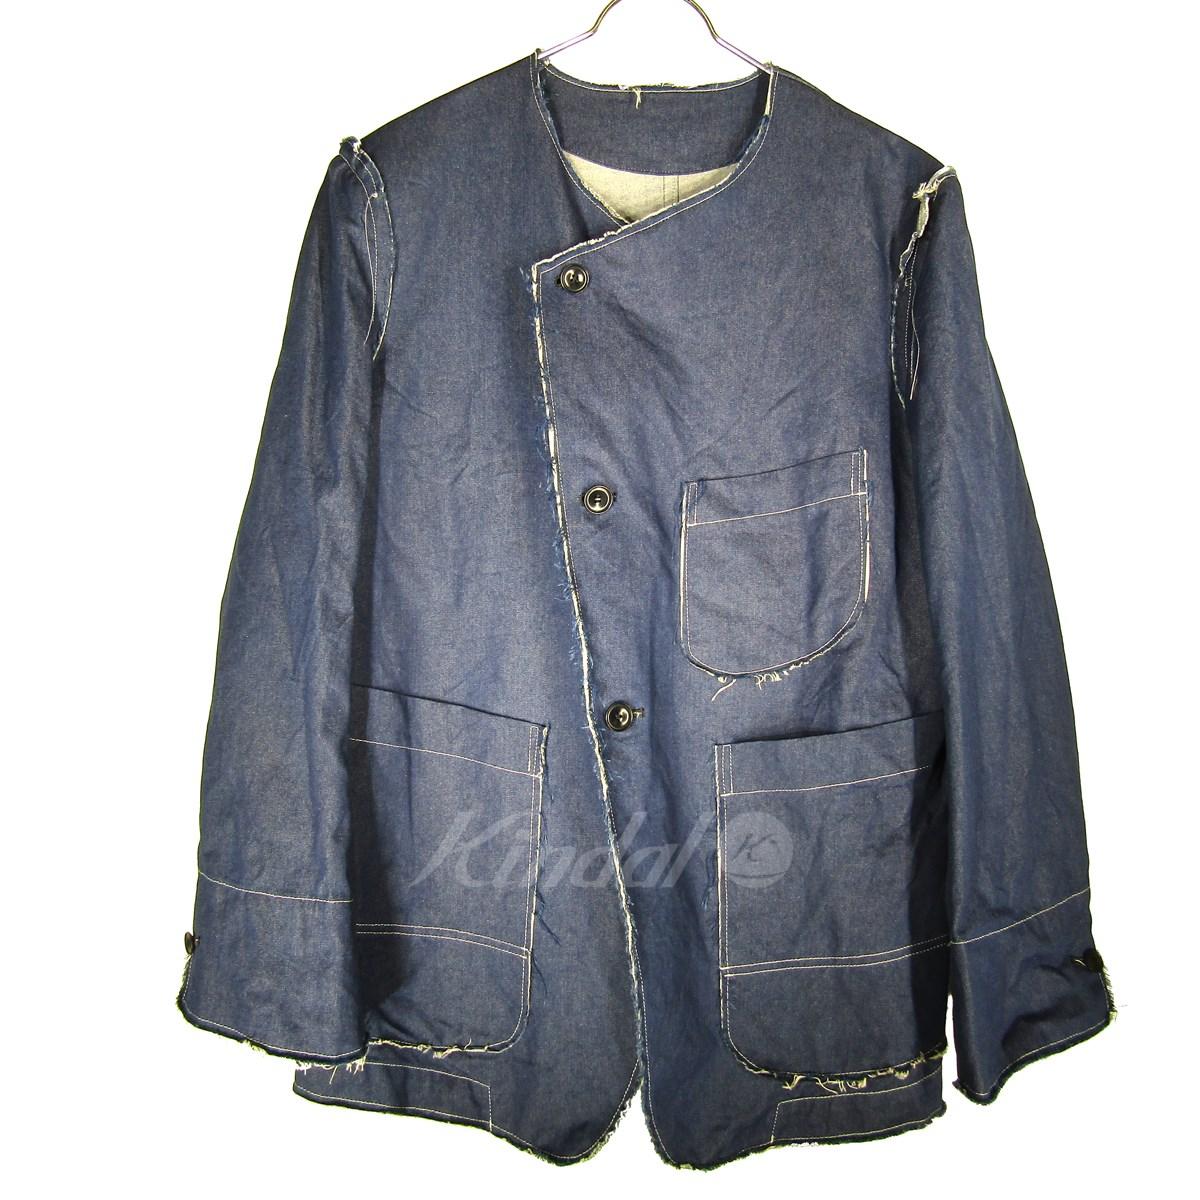 【中古】SULVAM 16SS No Collar Jacket ノーカラーデニムジャケット カットオフ インディゴ サイズ:M 【送料無料】 【080419】(サルバム)